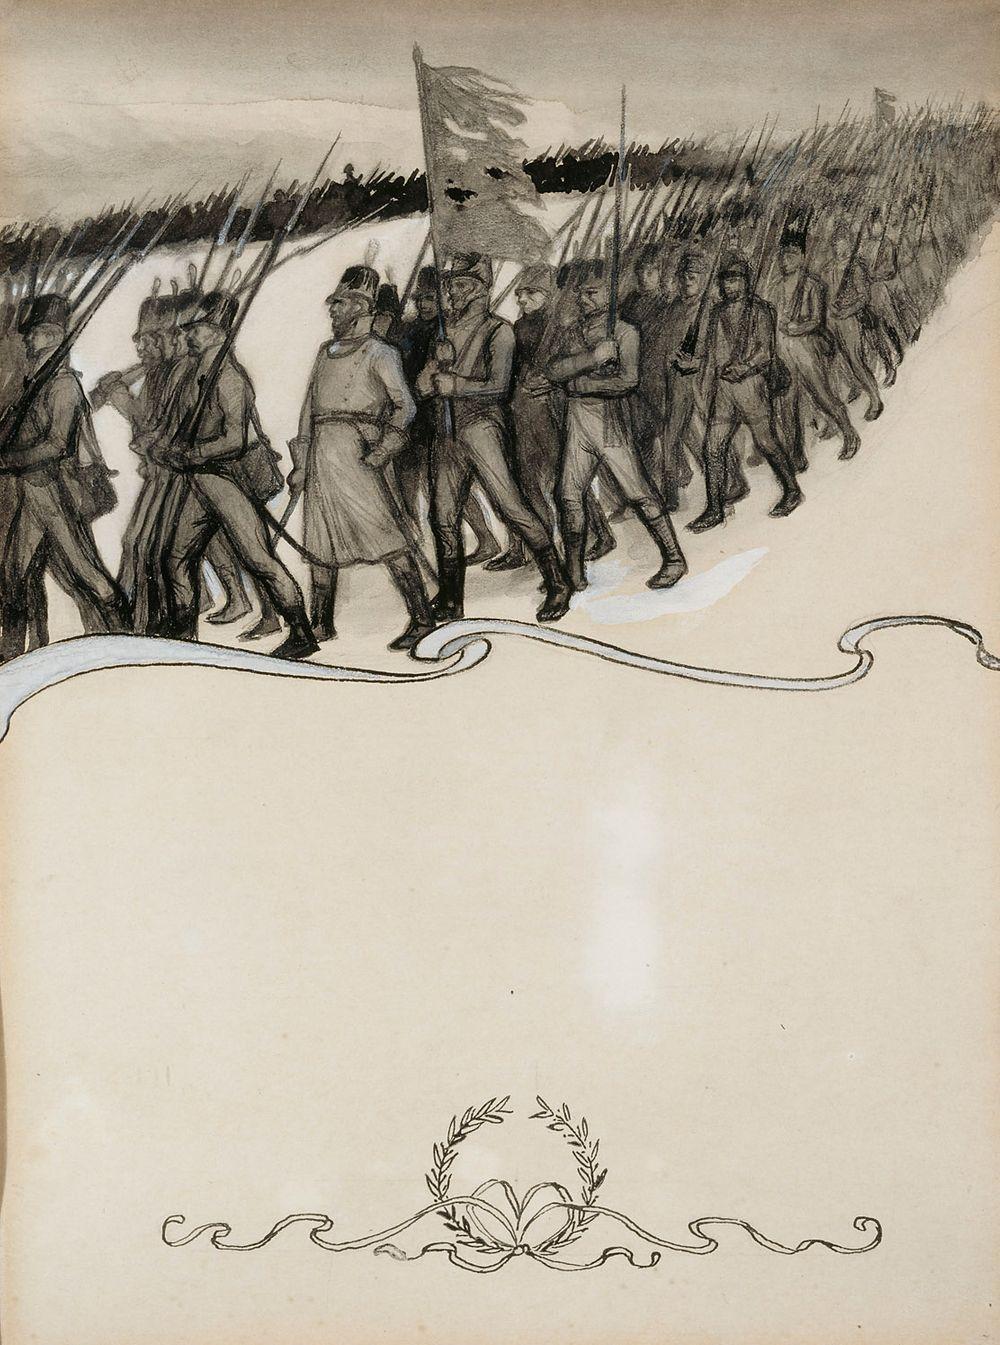 Porilaisten marssi -runon alkuvinjetin oikea puoli. Originaalipiirustus Vänrikki Stoolin tarinain kuvitukseen